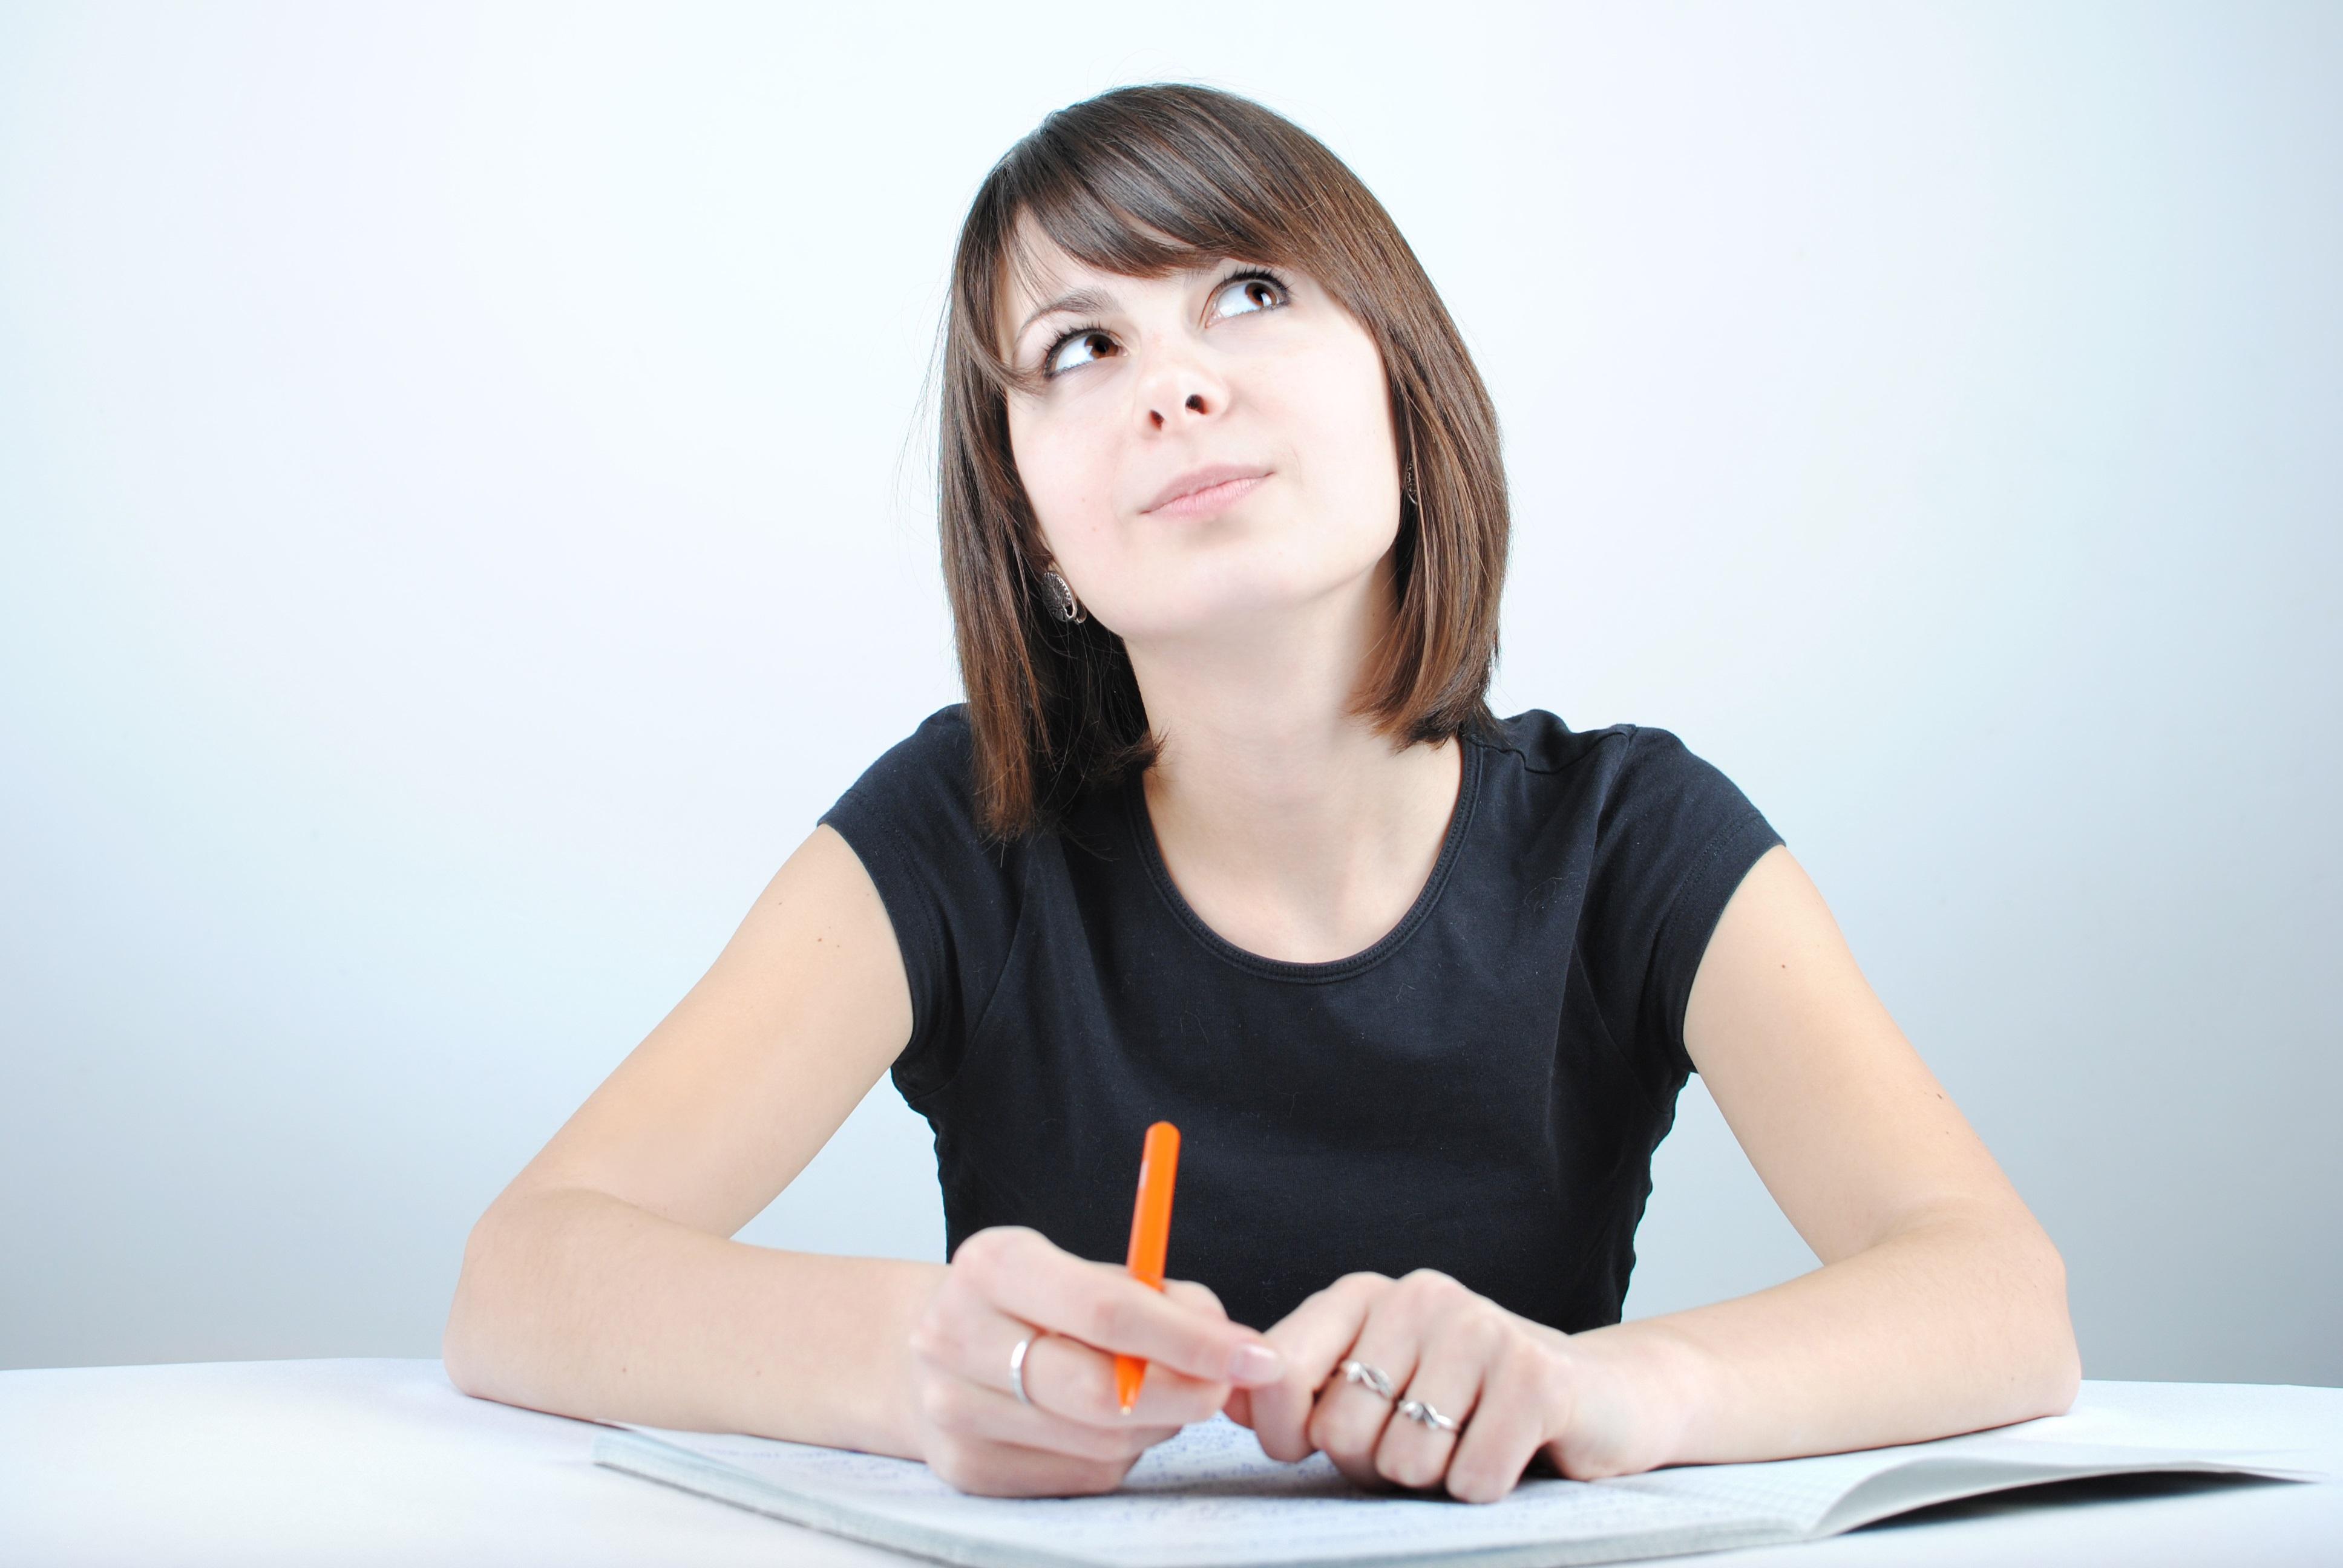 Задумчивый студент картинки